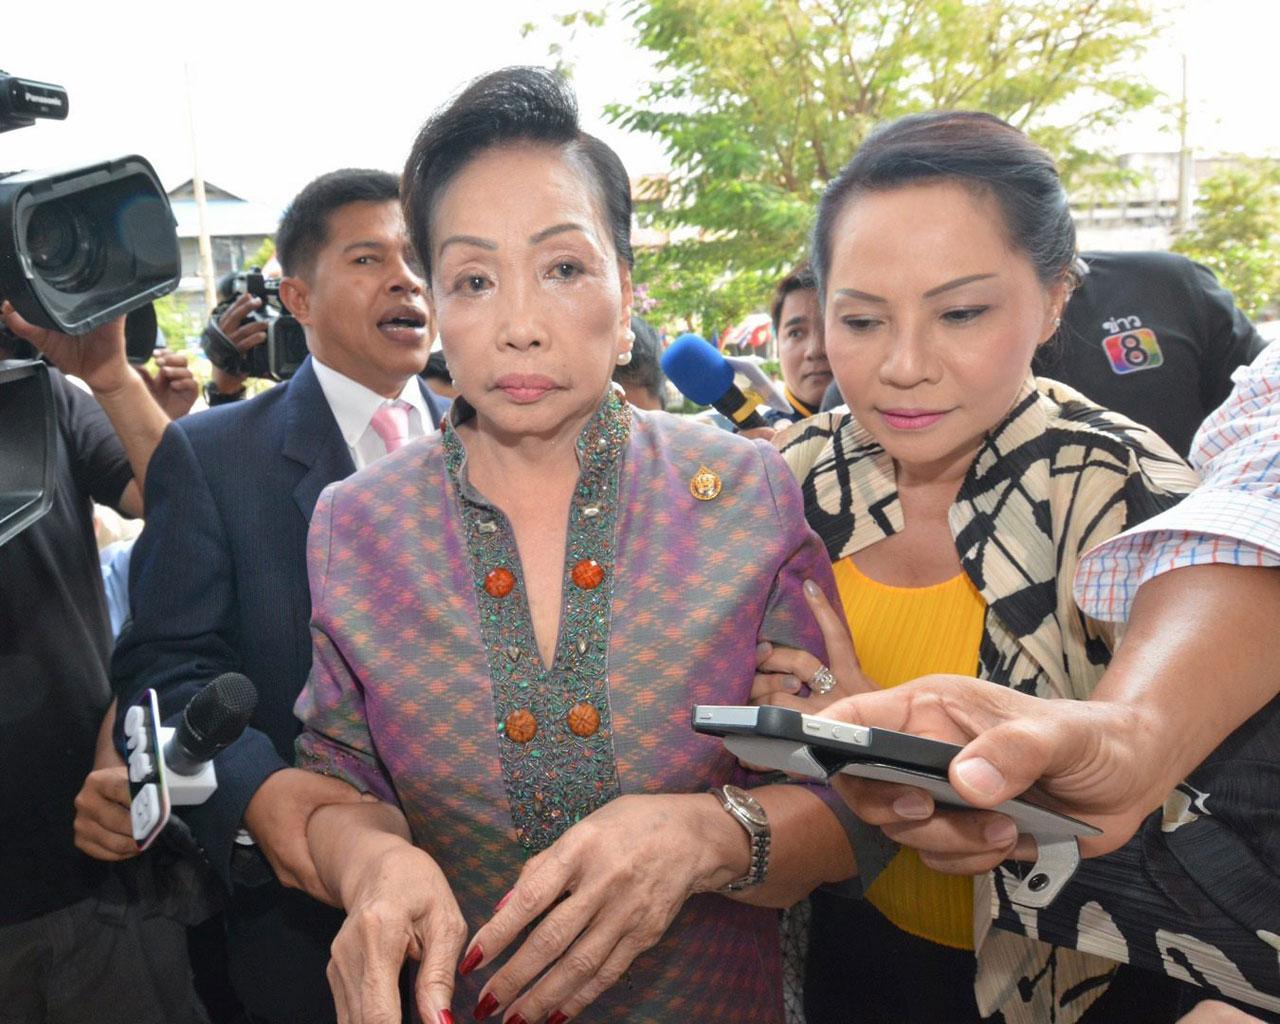 'แม่ประนอม' นางประนอม แดงสุภา ขึ้นศาลไต่สวนคดีฟ้องบุตรสาวคนโต